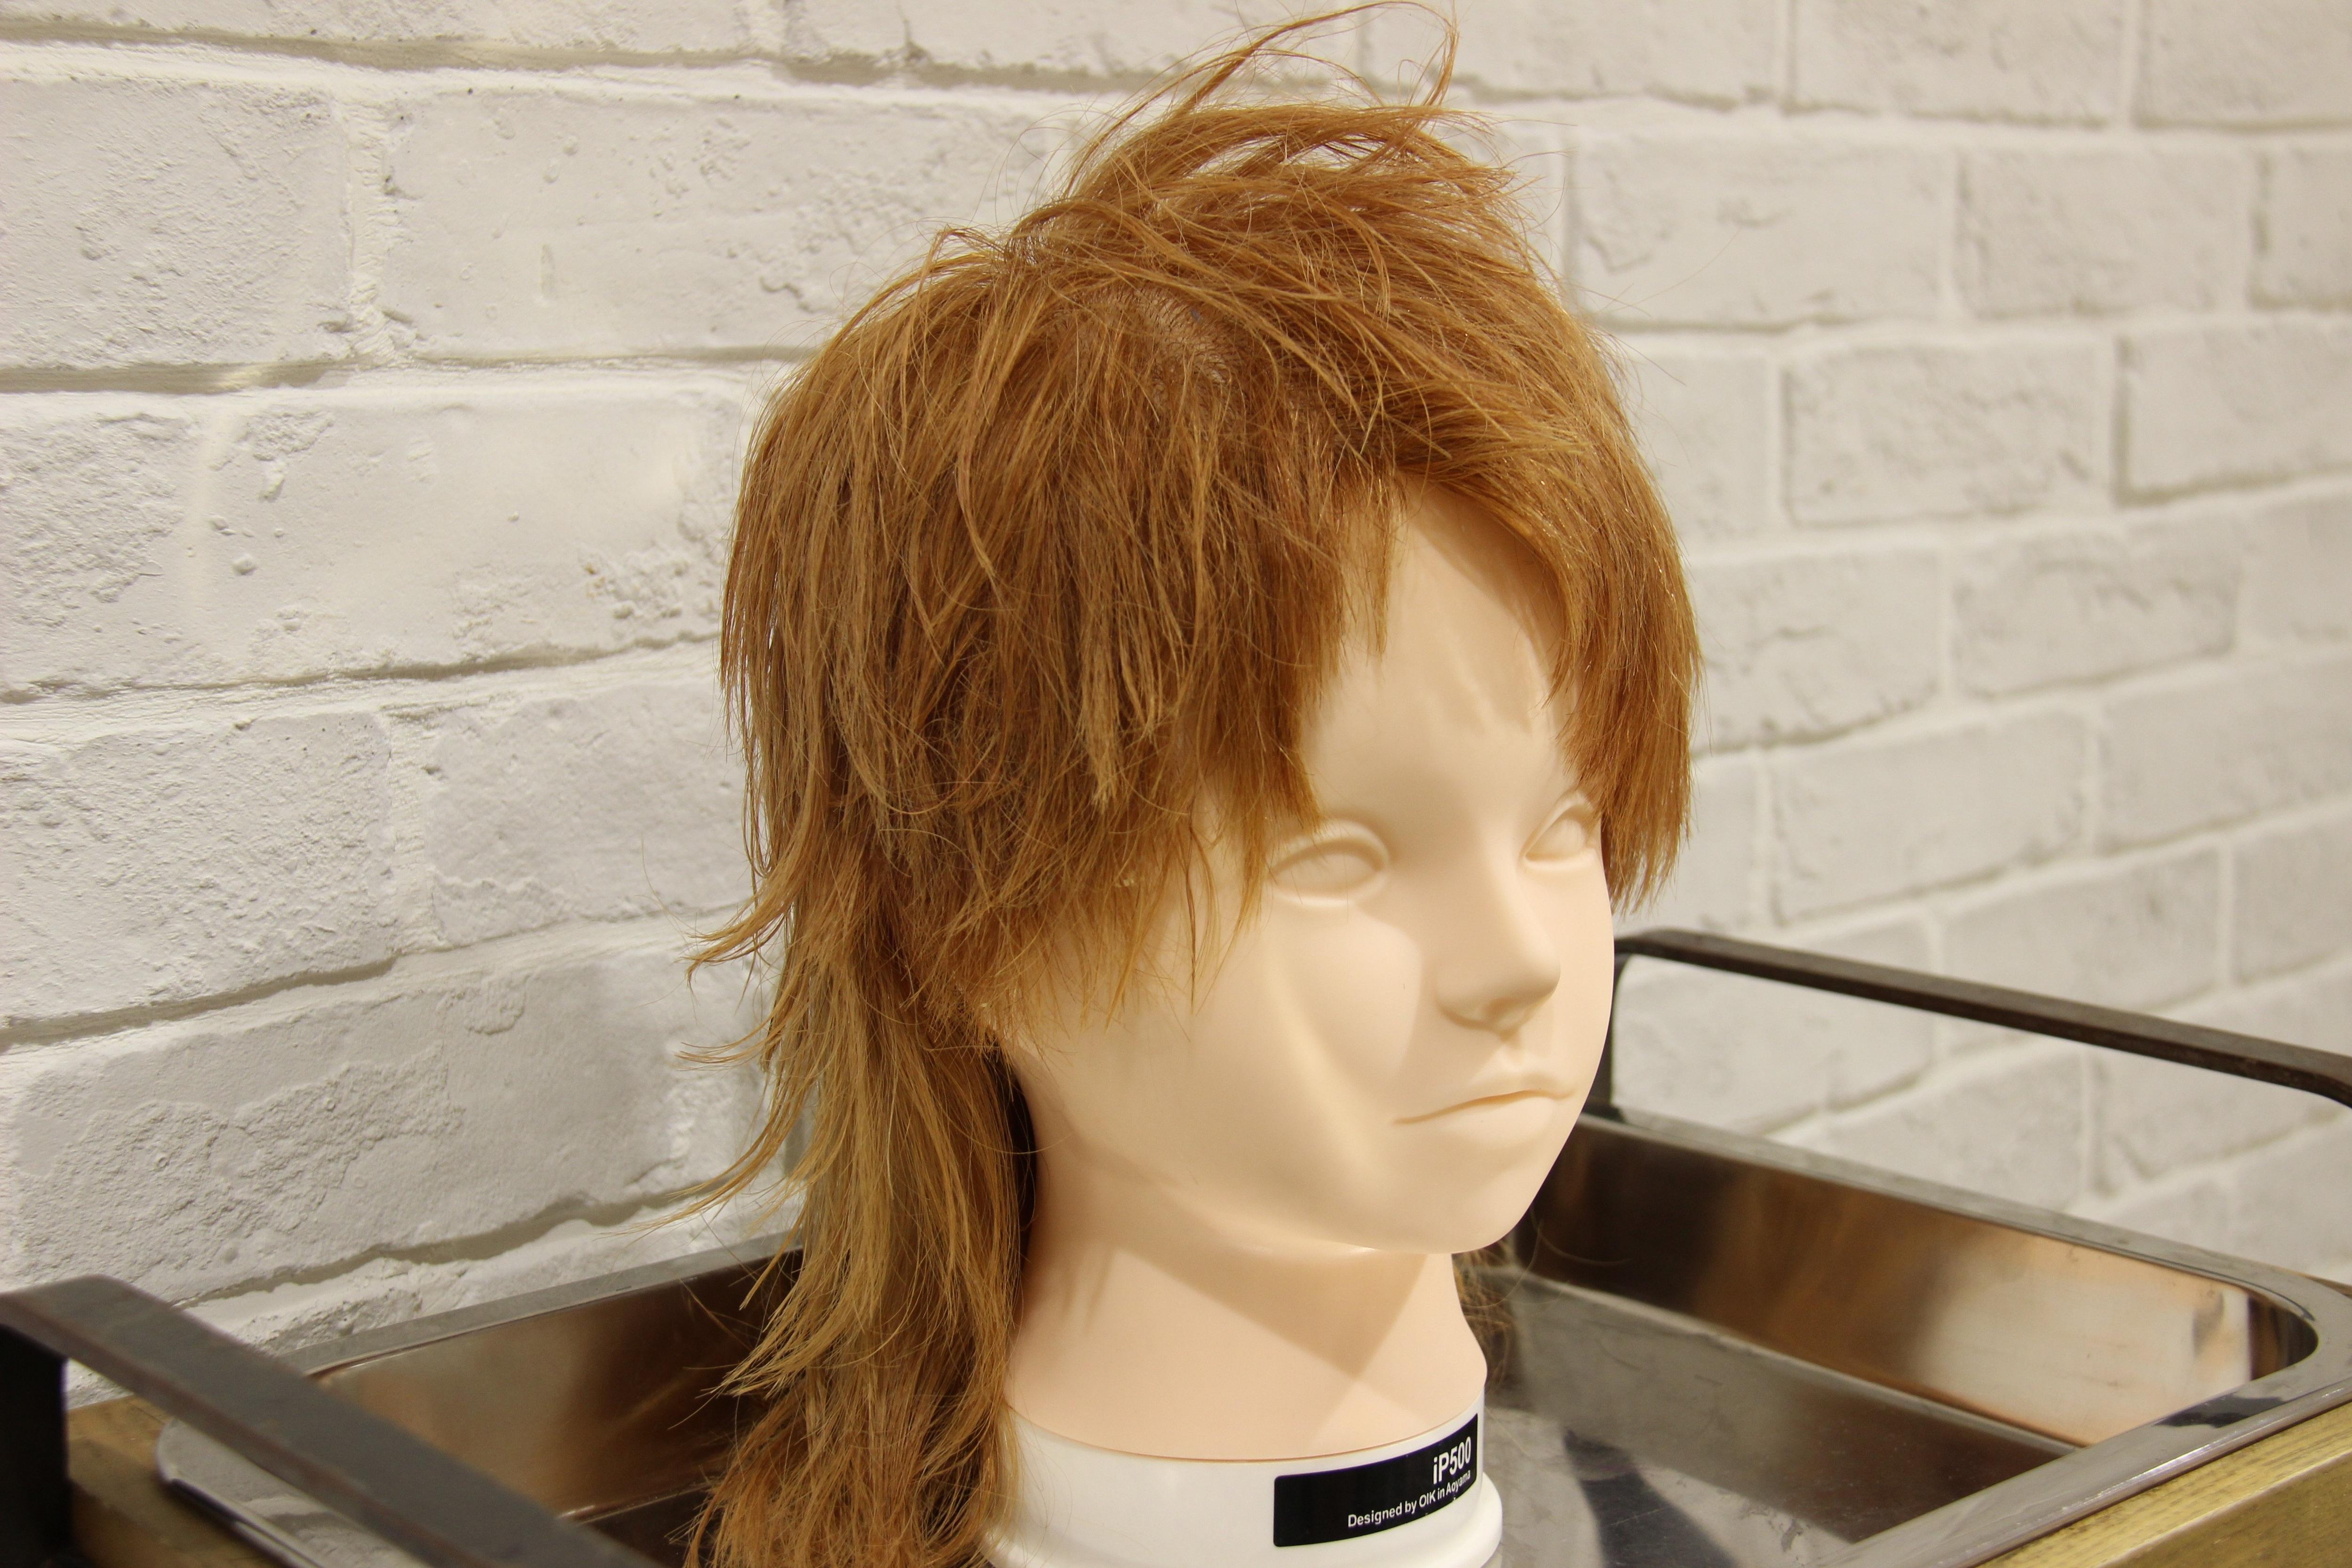 『鬼滅ヘア』『呪術廻戦ヘア』がブームに! アニ髪のカリスマが語る「アニメキャラを日常に落とし込むコツ」の画像005